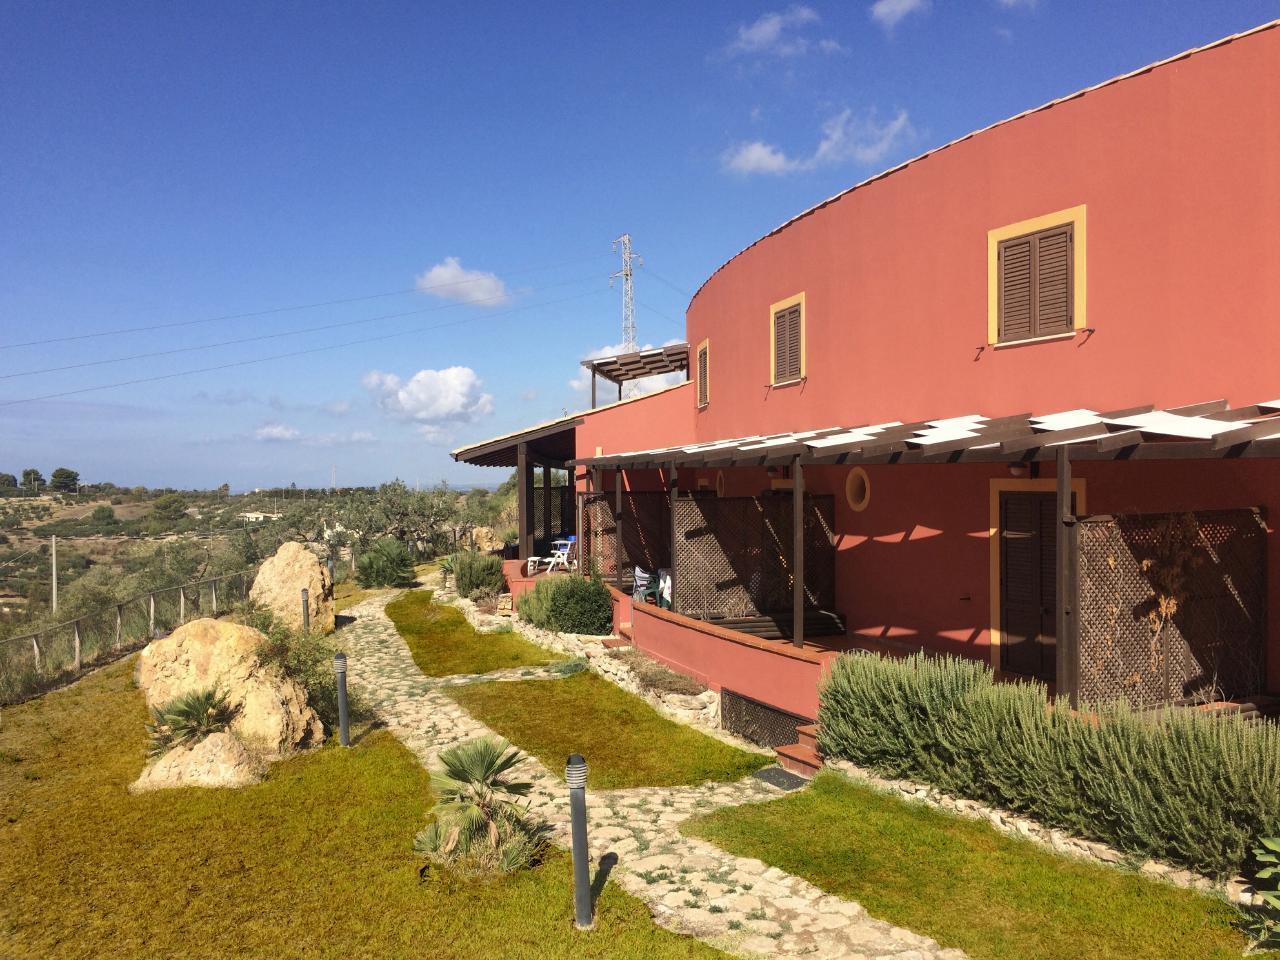 Ferienhaus Ferienwohnungen (405222), Sciacca, Agrigento, Sizilien, Italien, Bild 20